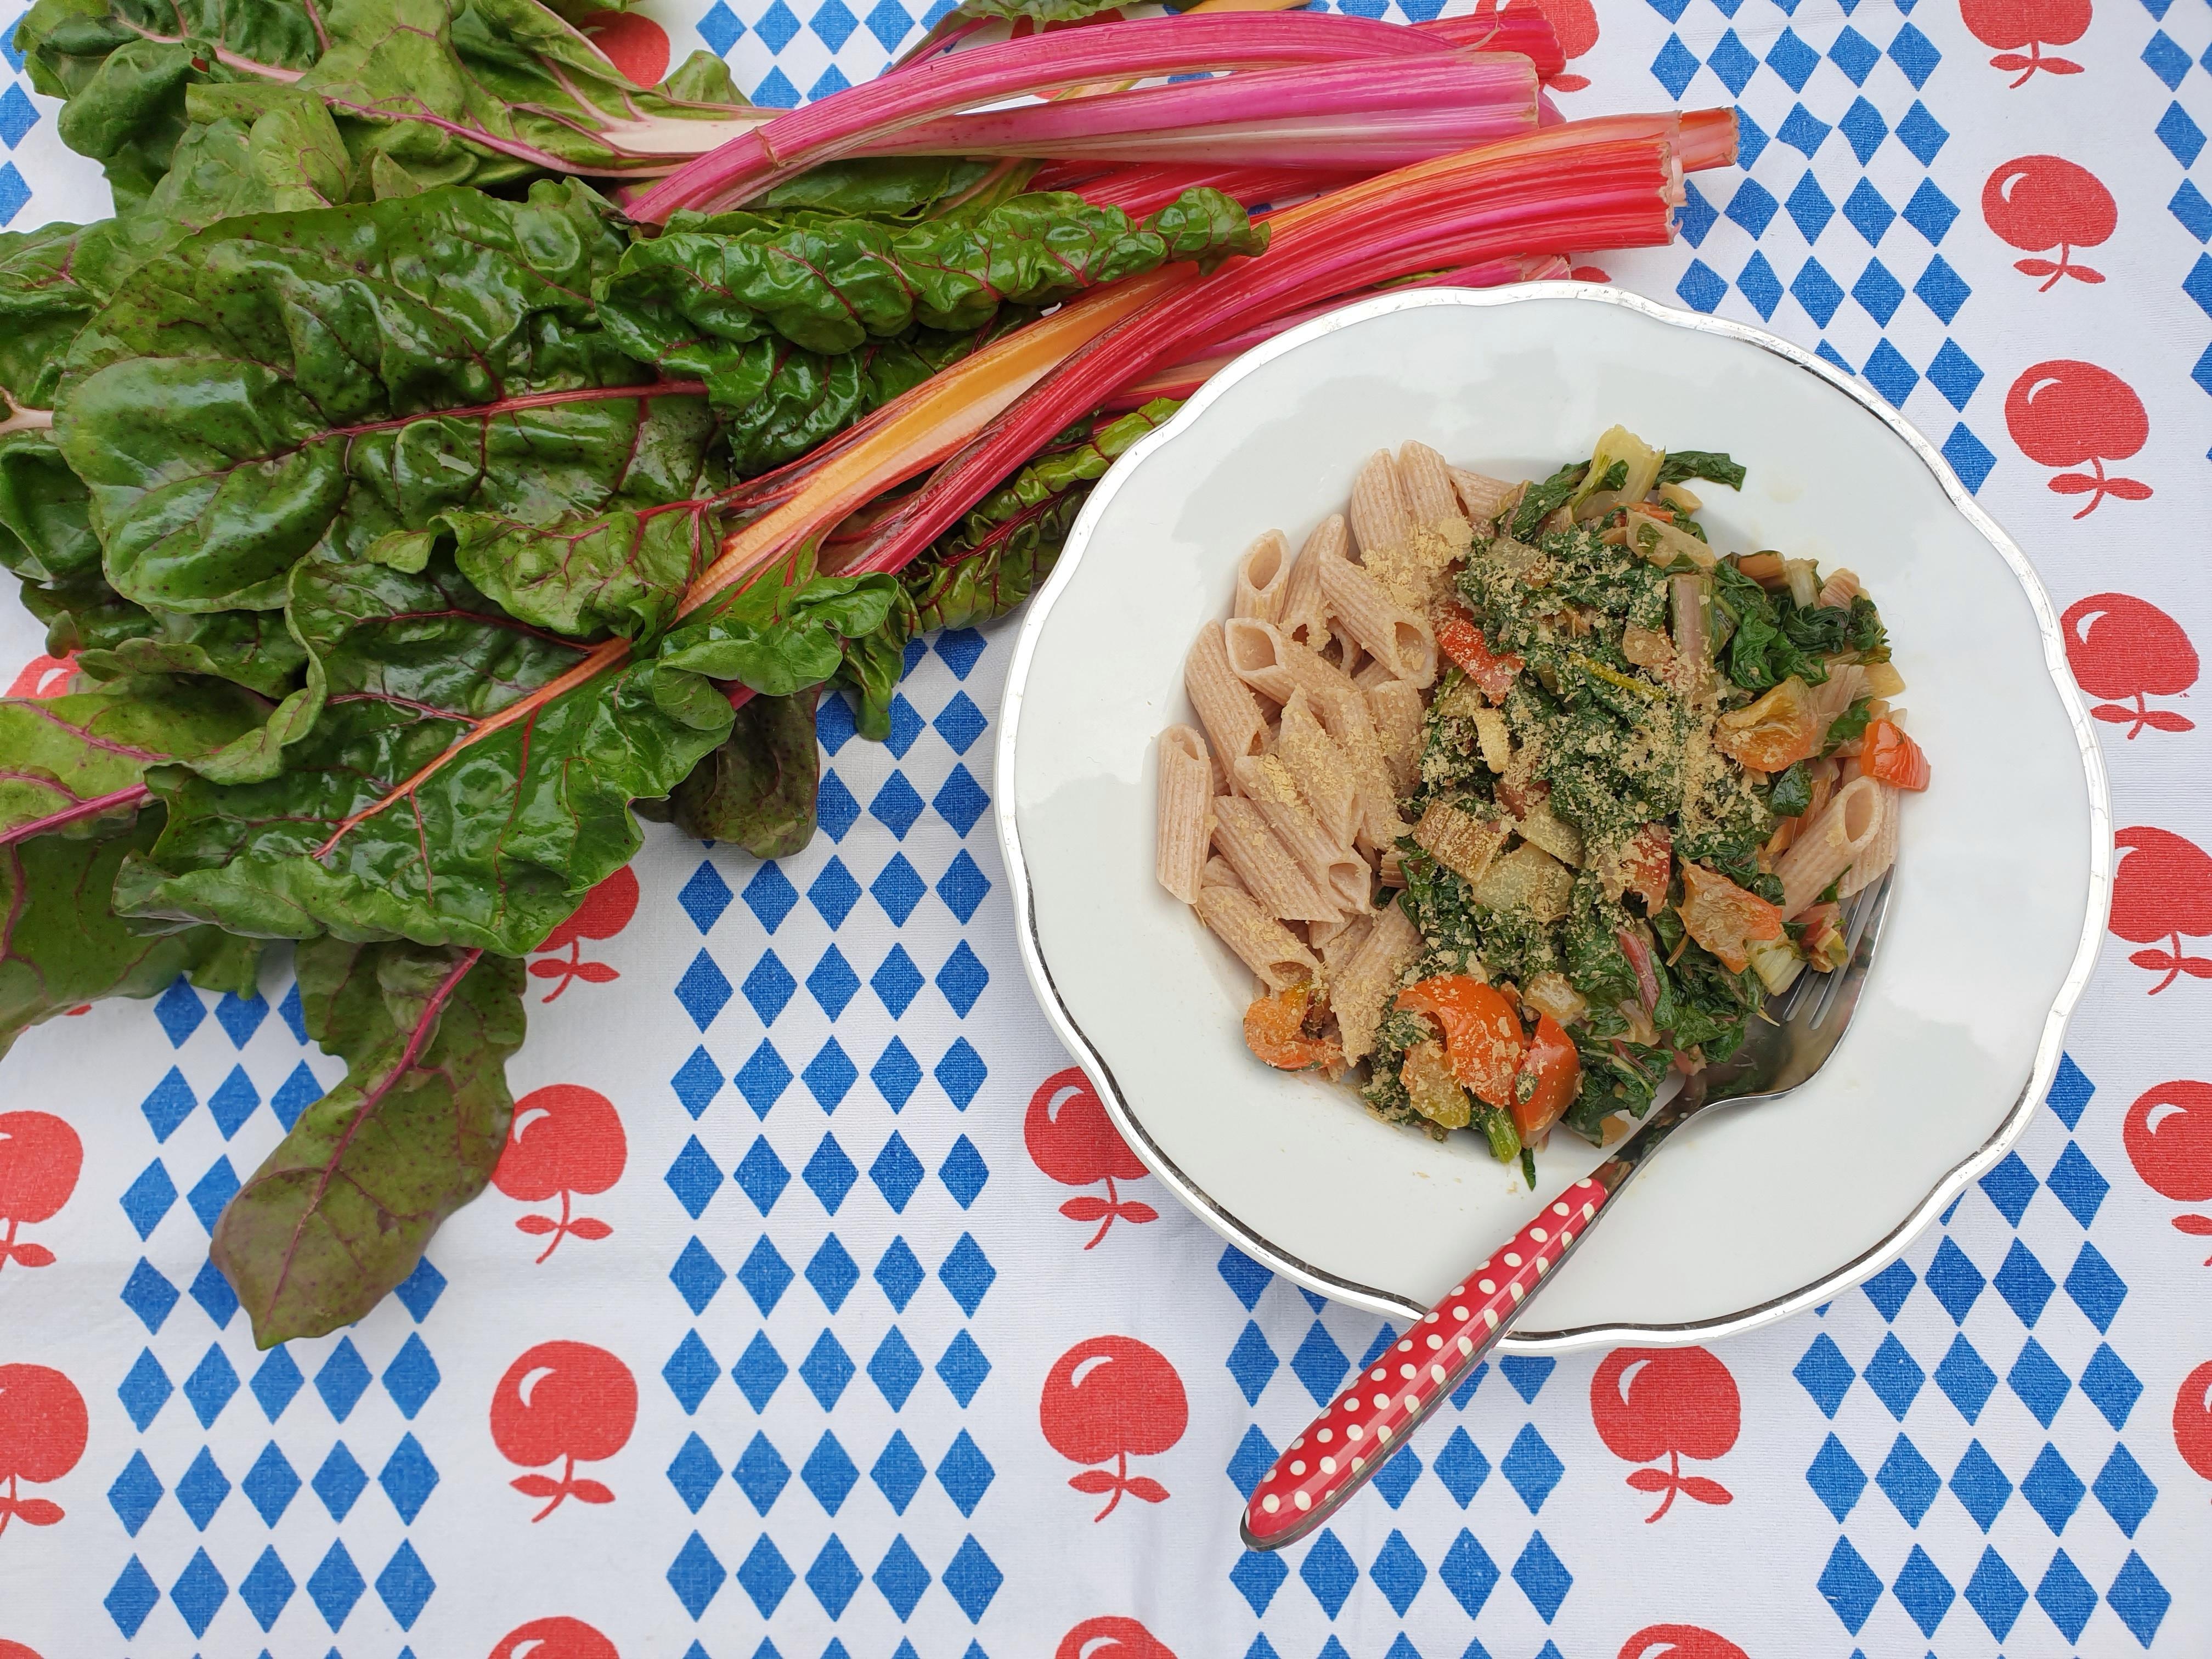 Uitgelichte foto voor het bericht Vegan romige pasta met snijbiet en paprika